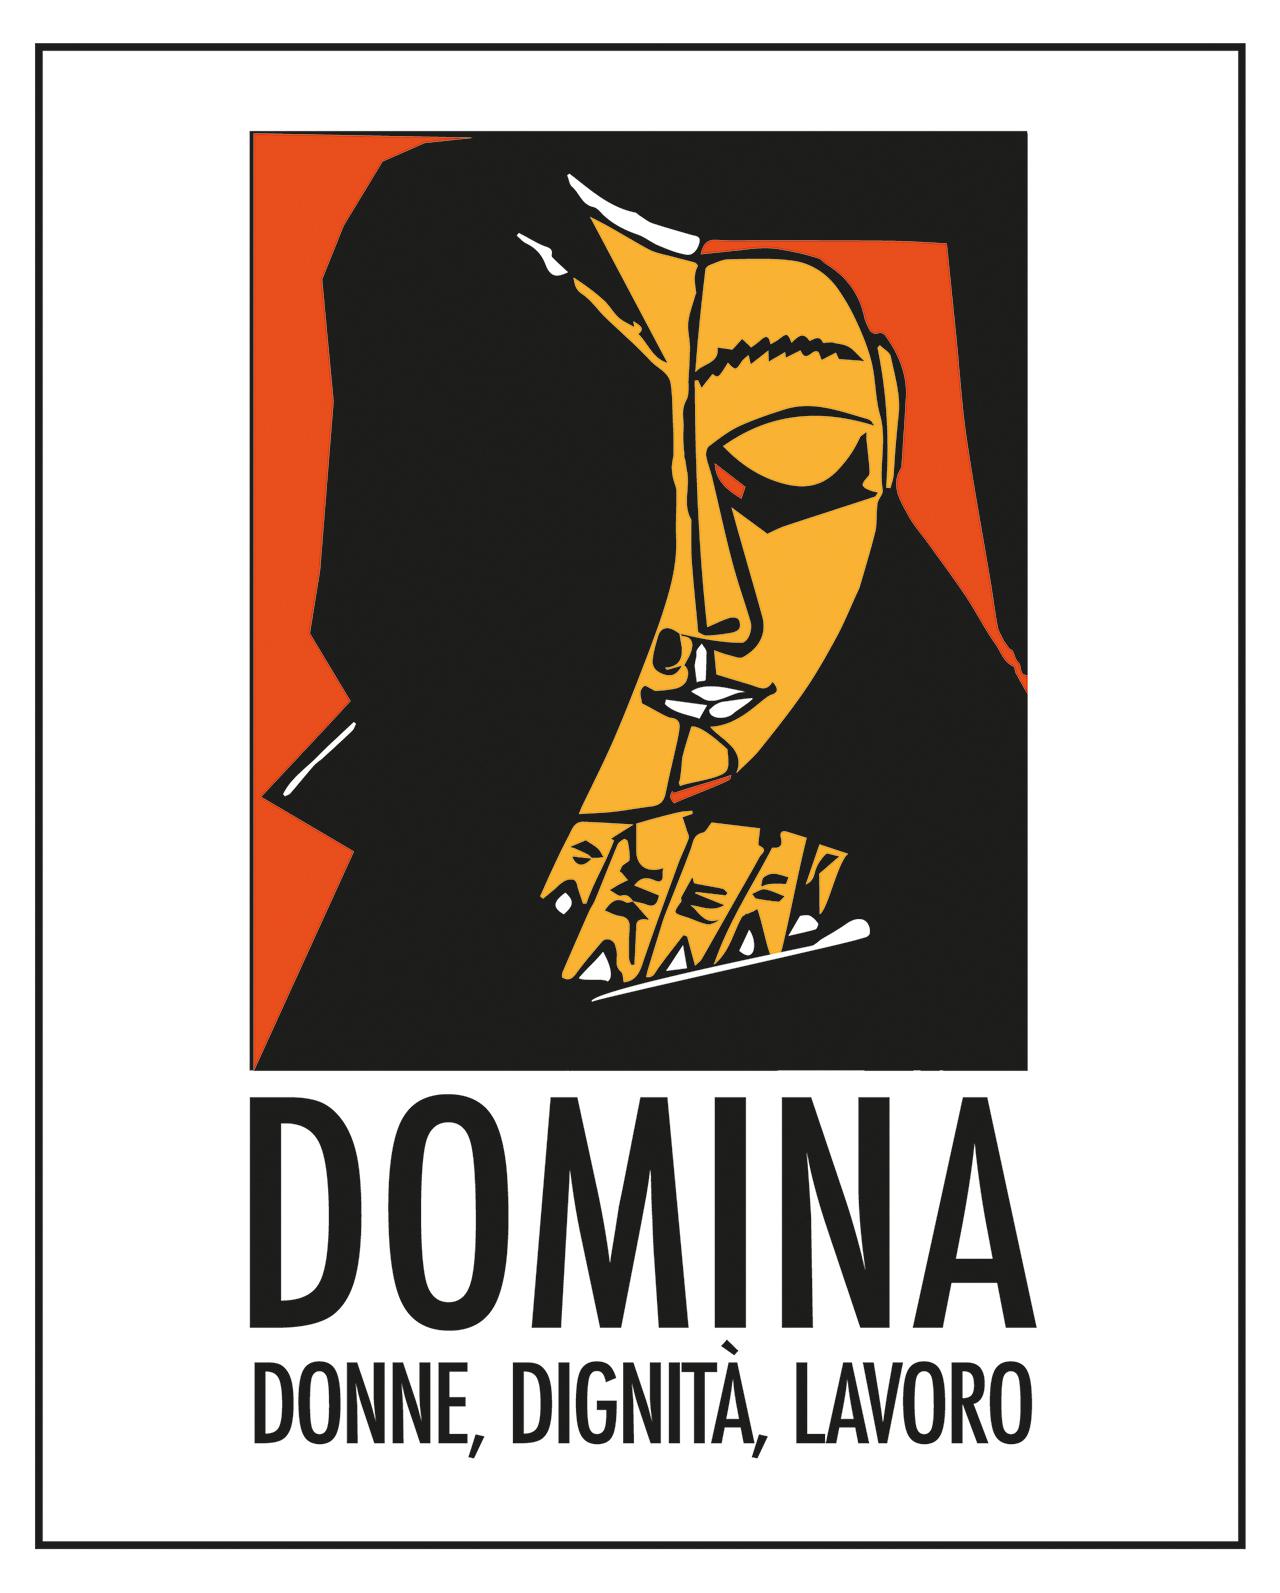 Donne, dignità, lavoro